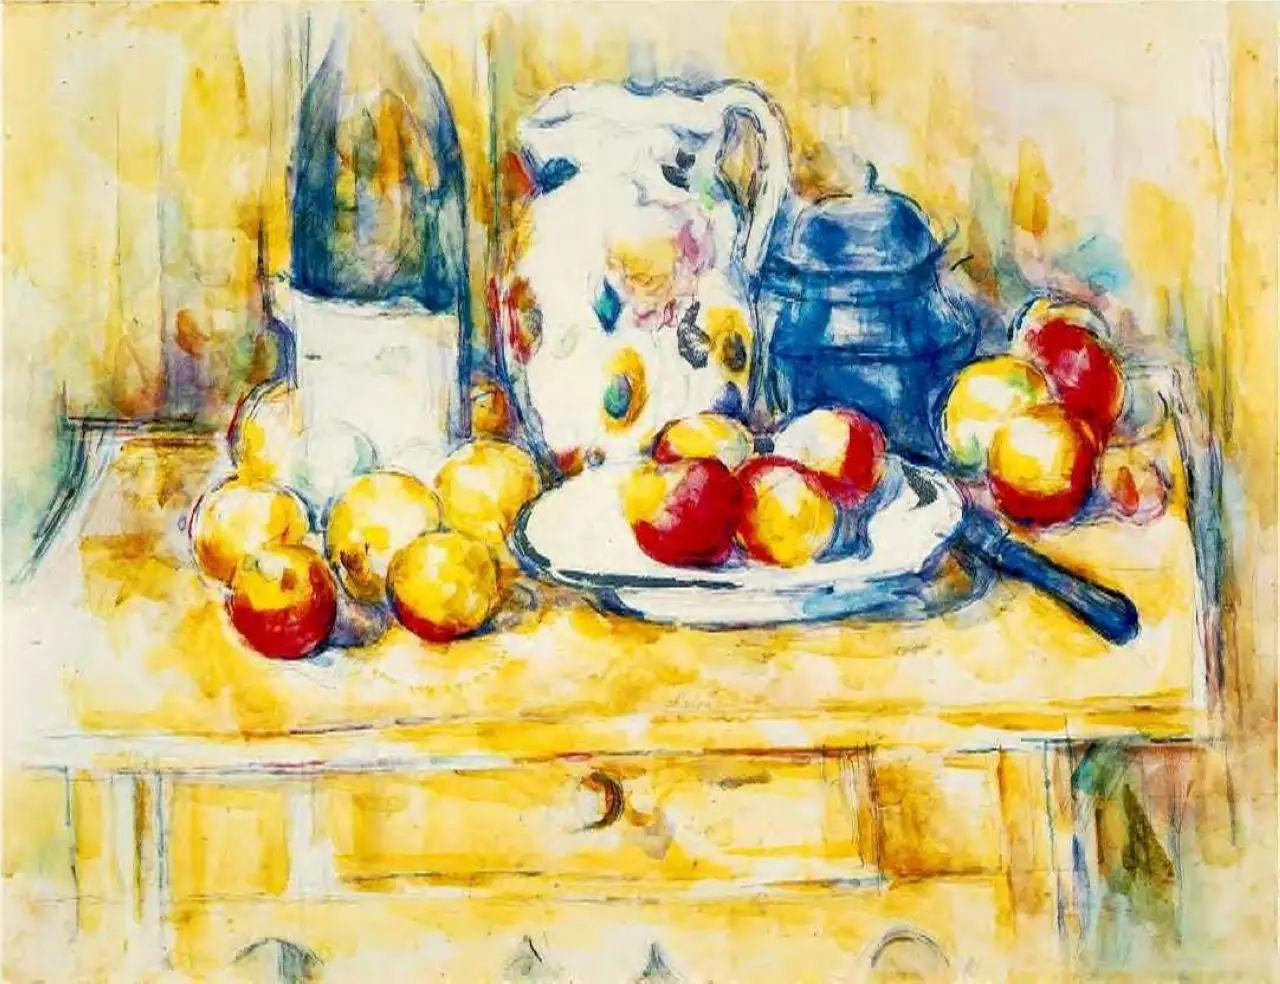 法国著名画家保罗·塞尚油画作品插图35